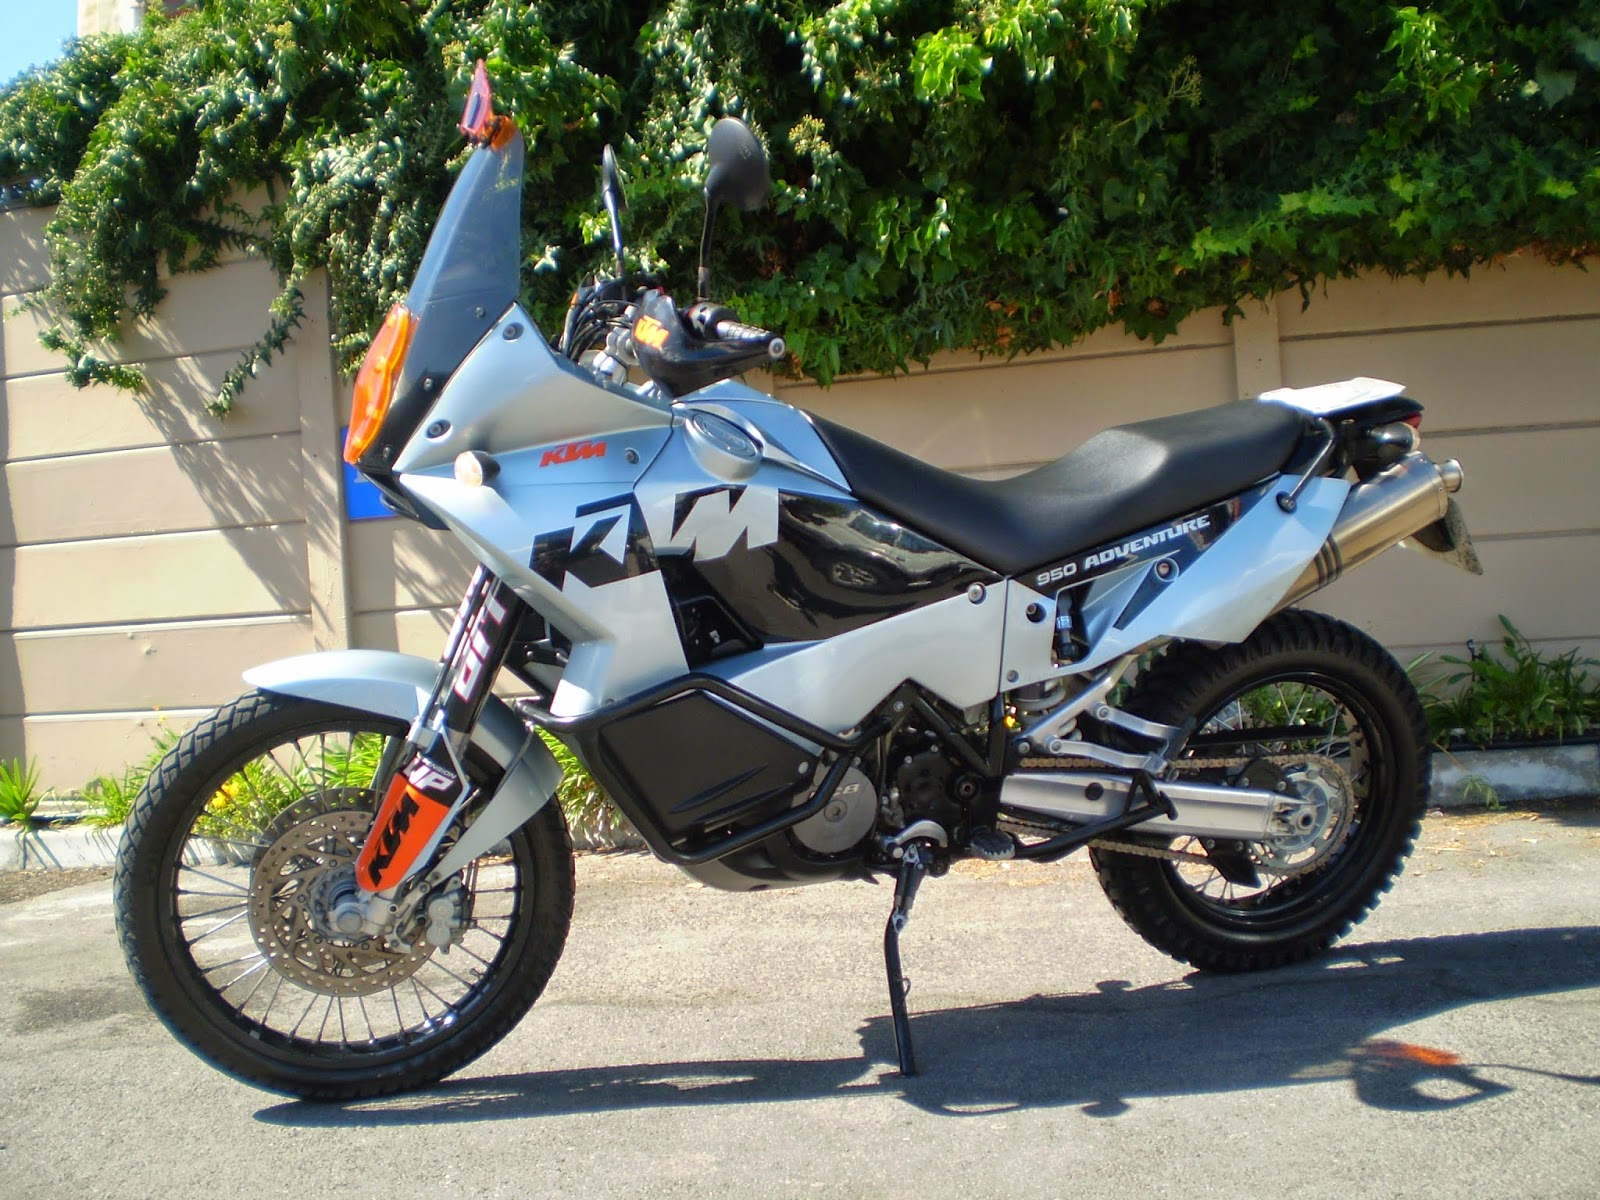 KTM 950 Adventure Used Motorcycels